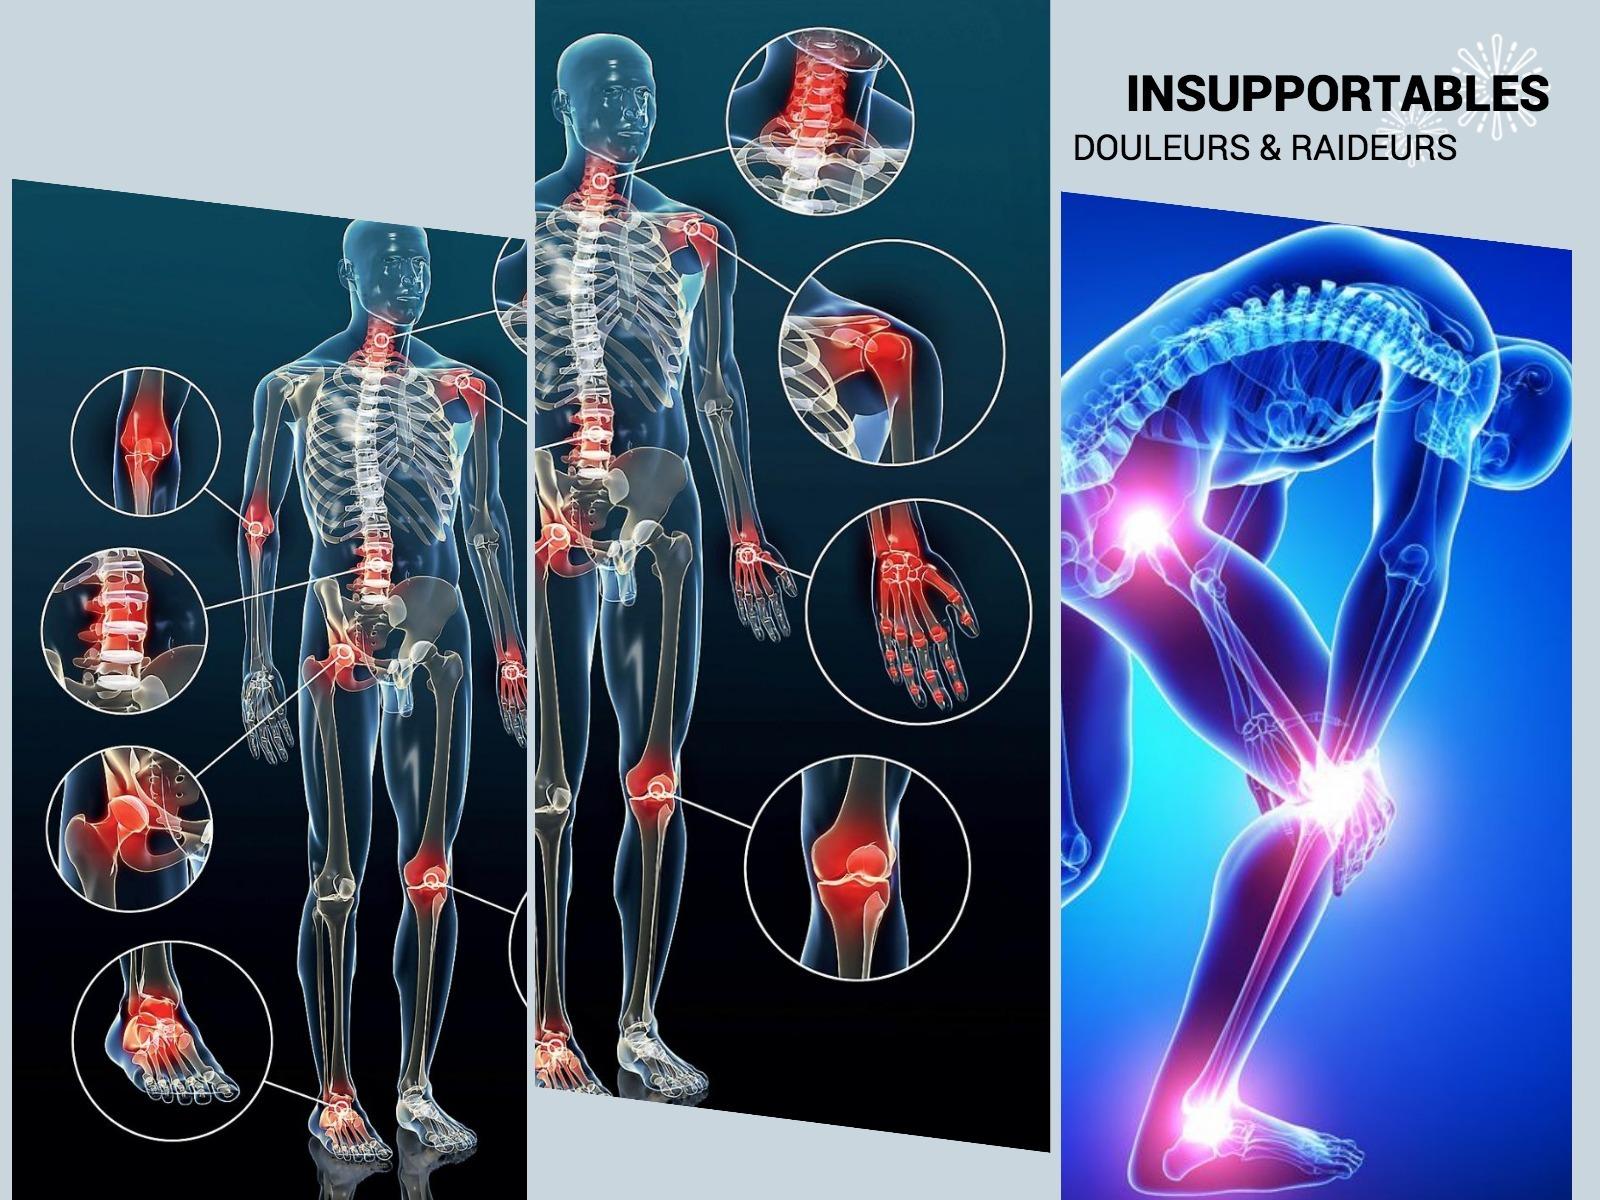 Naturo'Club Santé Formation Rhumatisme, Arthrite et Arthrose La méthode naturelle inédite pour soulager les douleurs & les raideurs articulaires en 30 jours